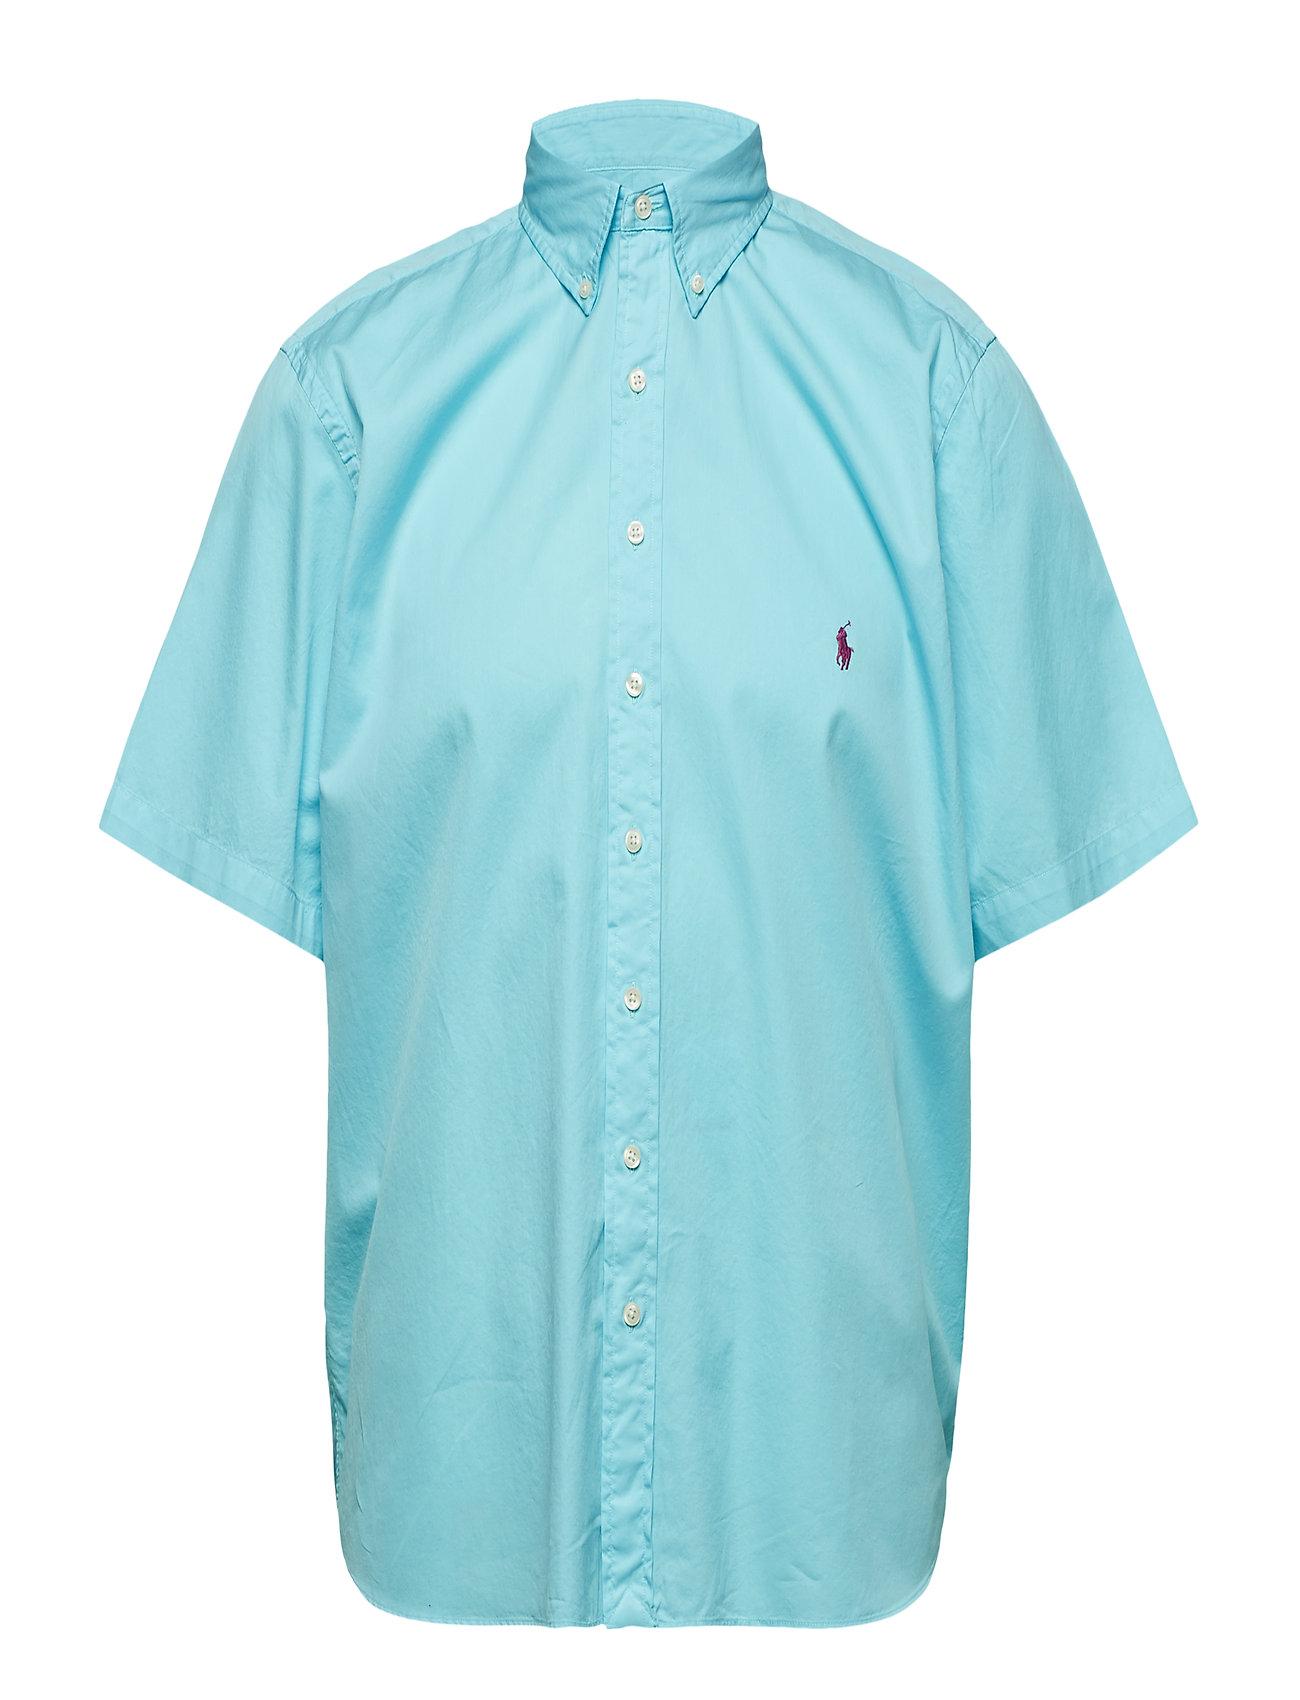 Polo Ralph Lauren Big & Tall Classic Fit Twill Shirt - HAMMOND BLUE